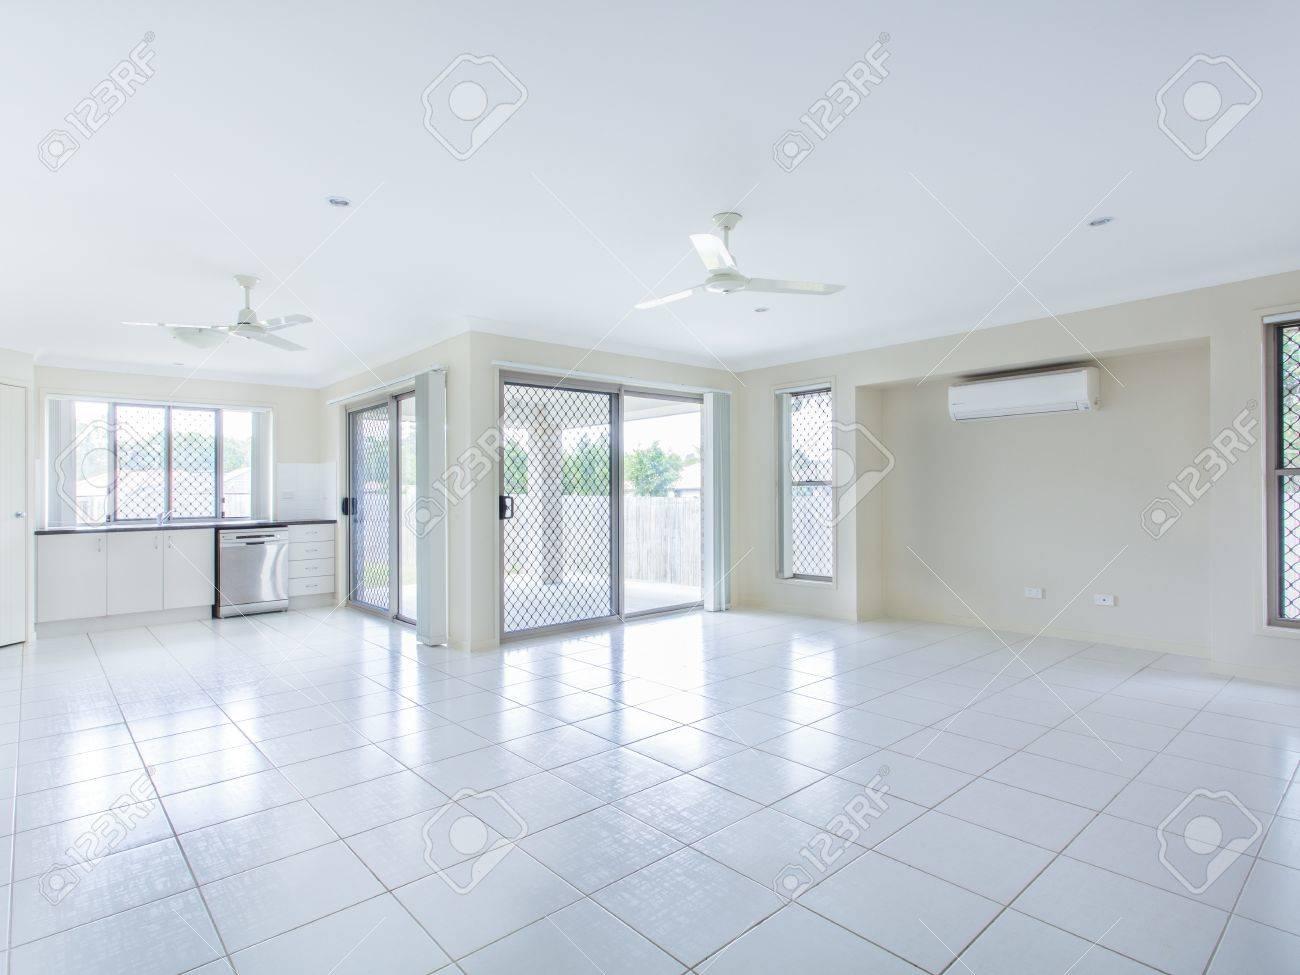 Grosse Geflieste Leeren Wohnzimmer Und Kche Lizenzfreie Bilder